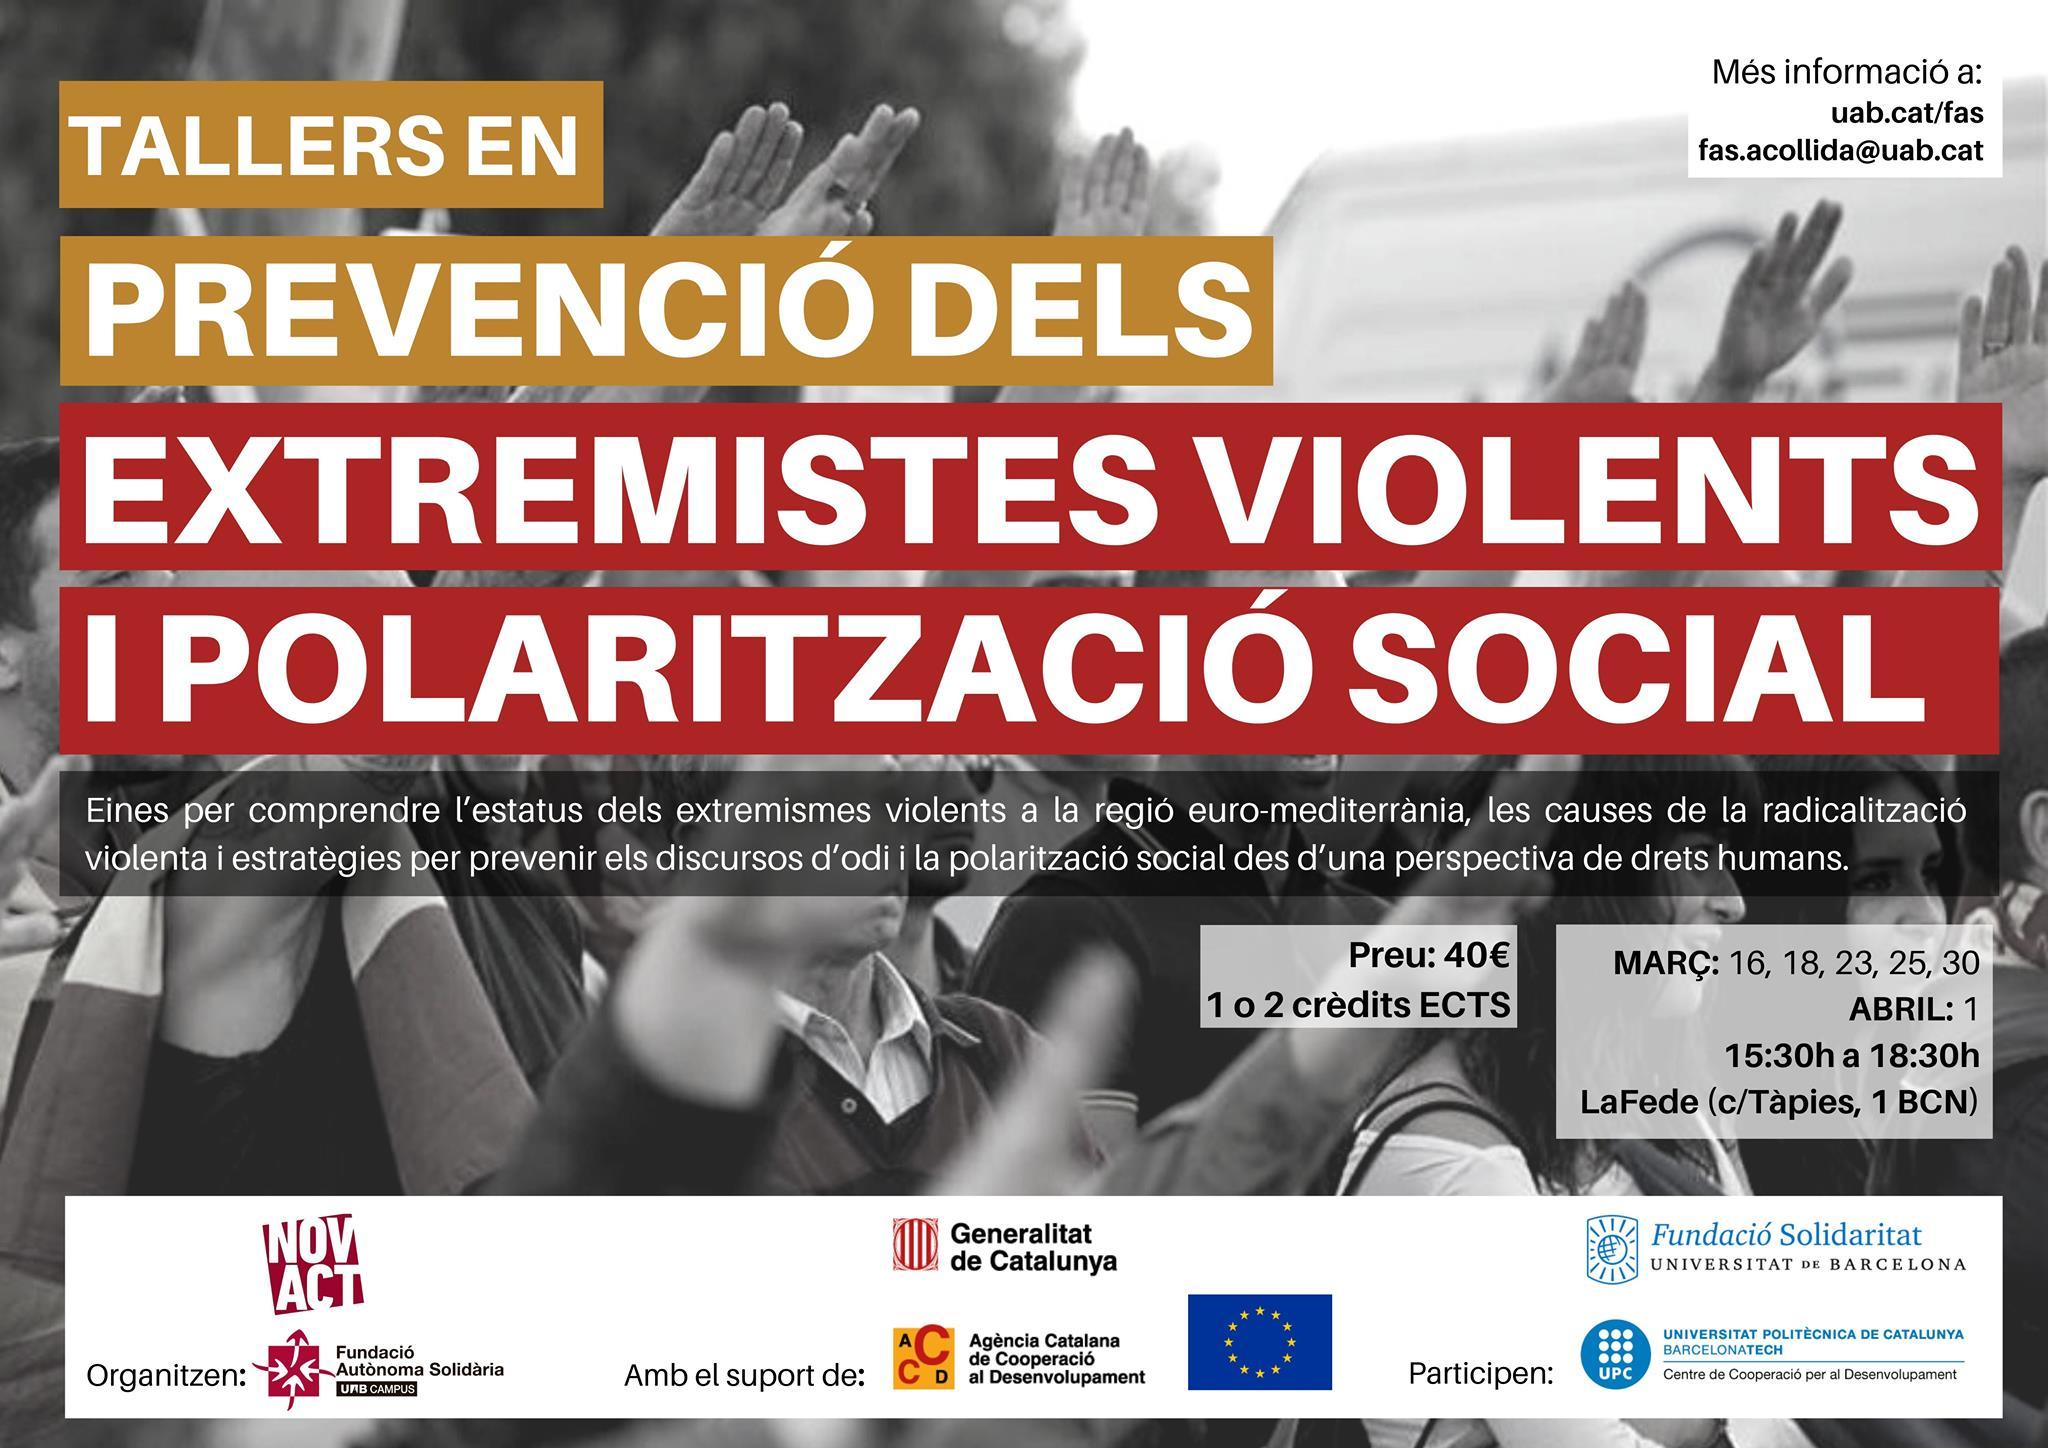 Formació: Curs inter-universitari en prevenció dels extremismes violents i polarització